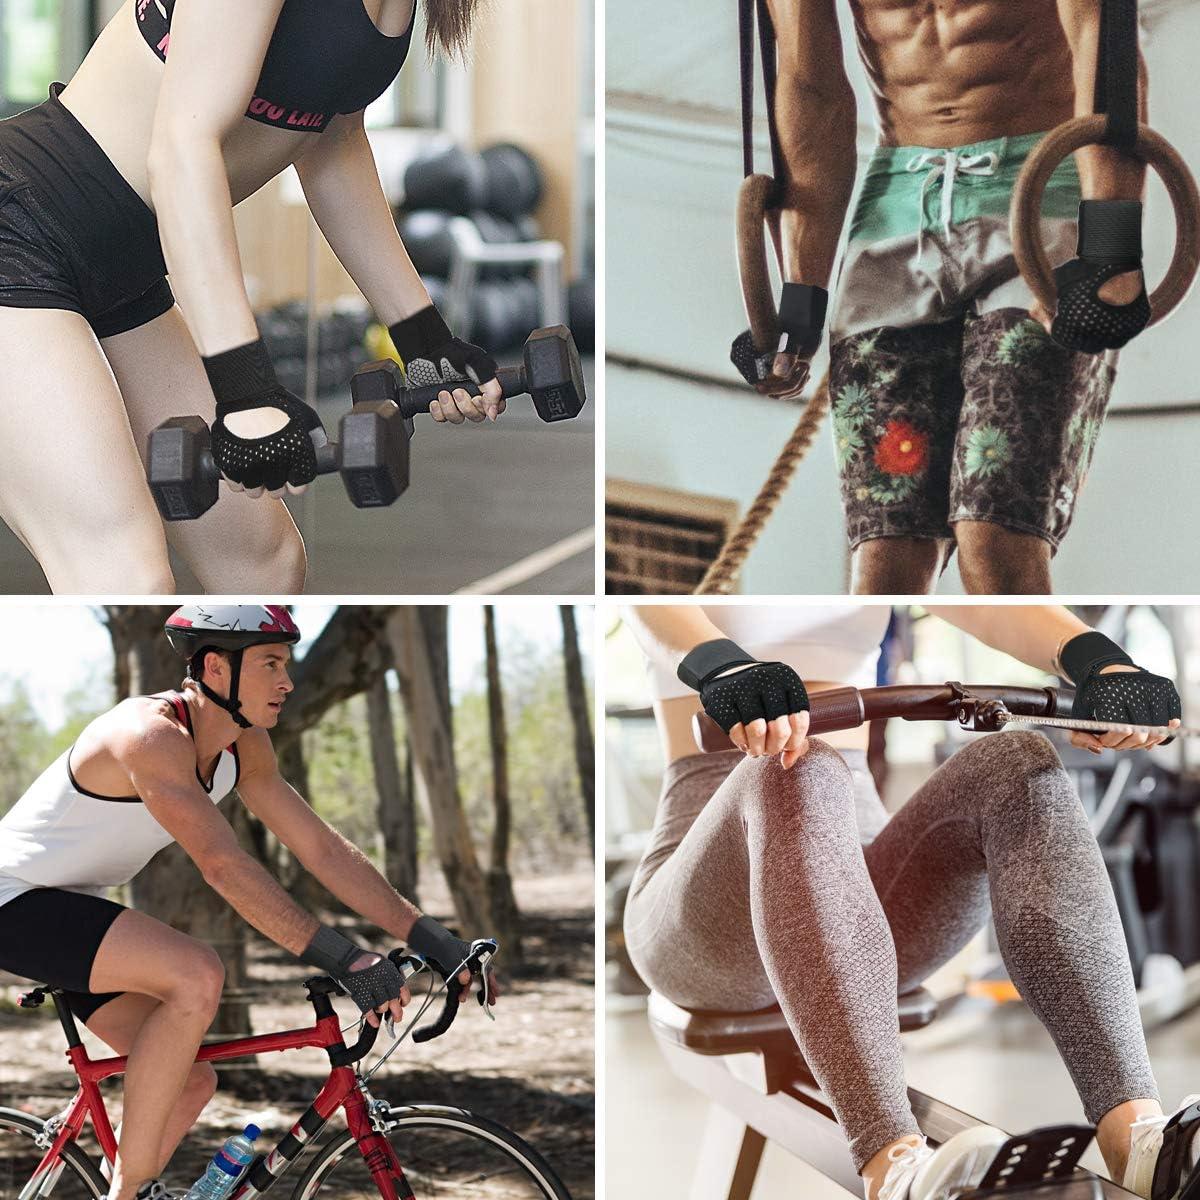 M Gewichtheben Handschuhe Bodybuilding Kraftsport /& Crossfit flintronic Fitness Handschuhe Trainingshandschuhe f/ür Damen und Herren Trainingshandschuhe Sporthandschuhe f/ür Fitness